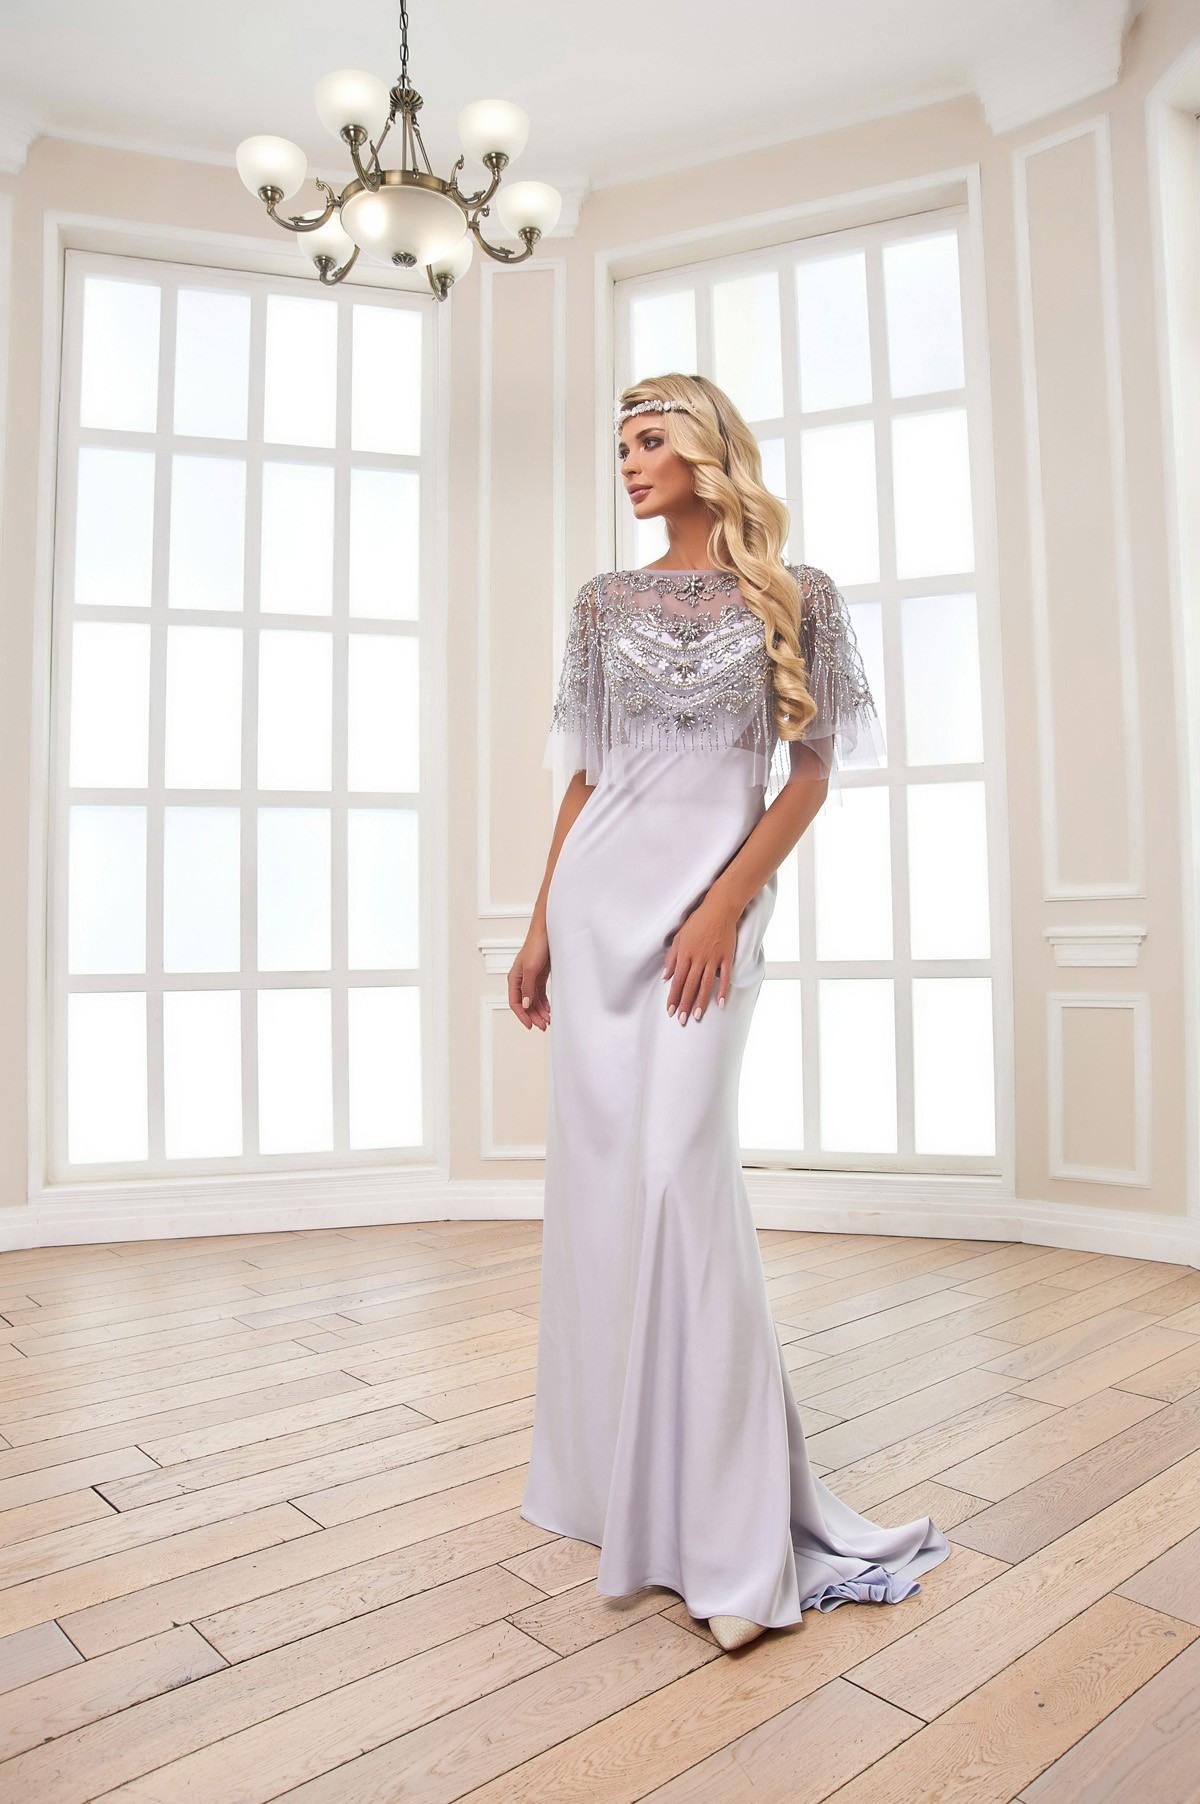 20 Spektakulär Abend Kleid Mieten Bester PreisAbend Fantastisch Abend Kleid Mieten Ärmel